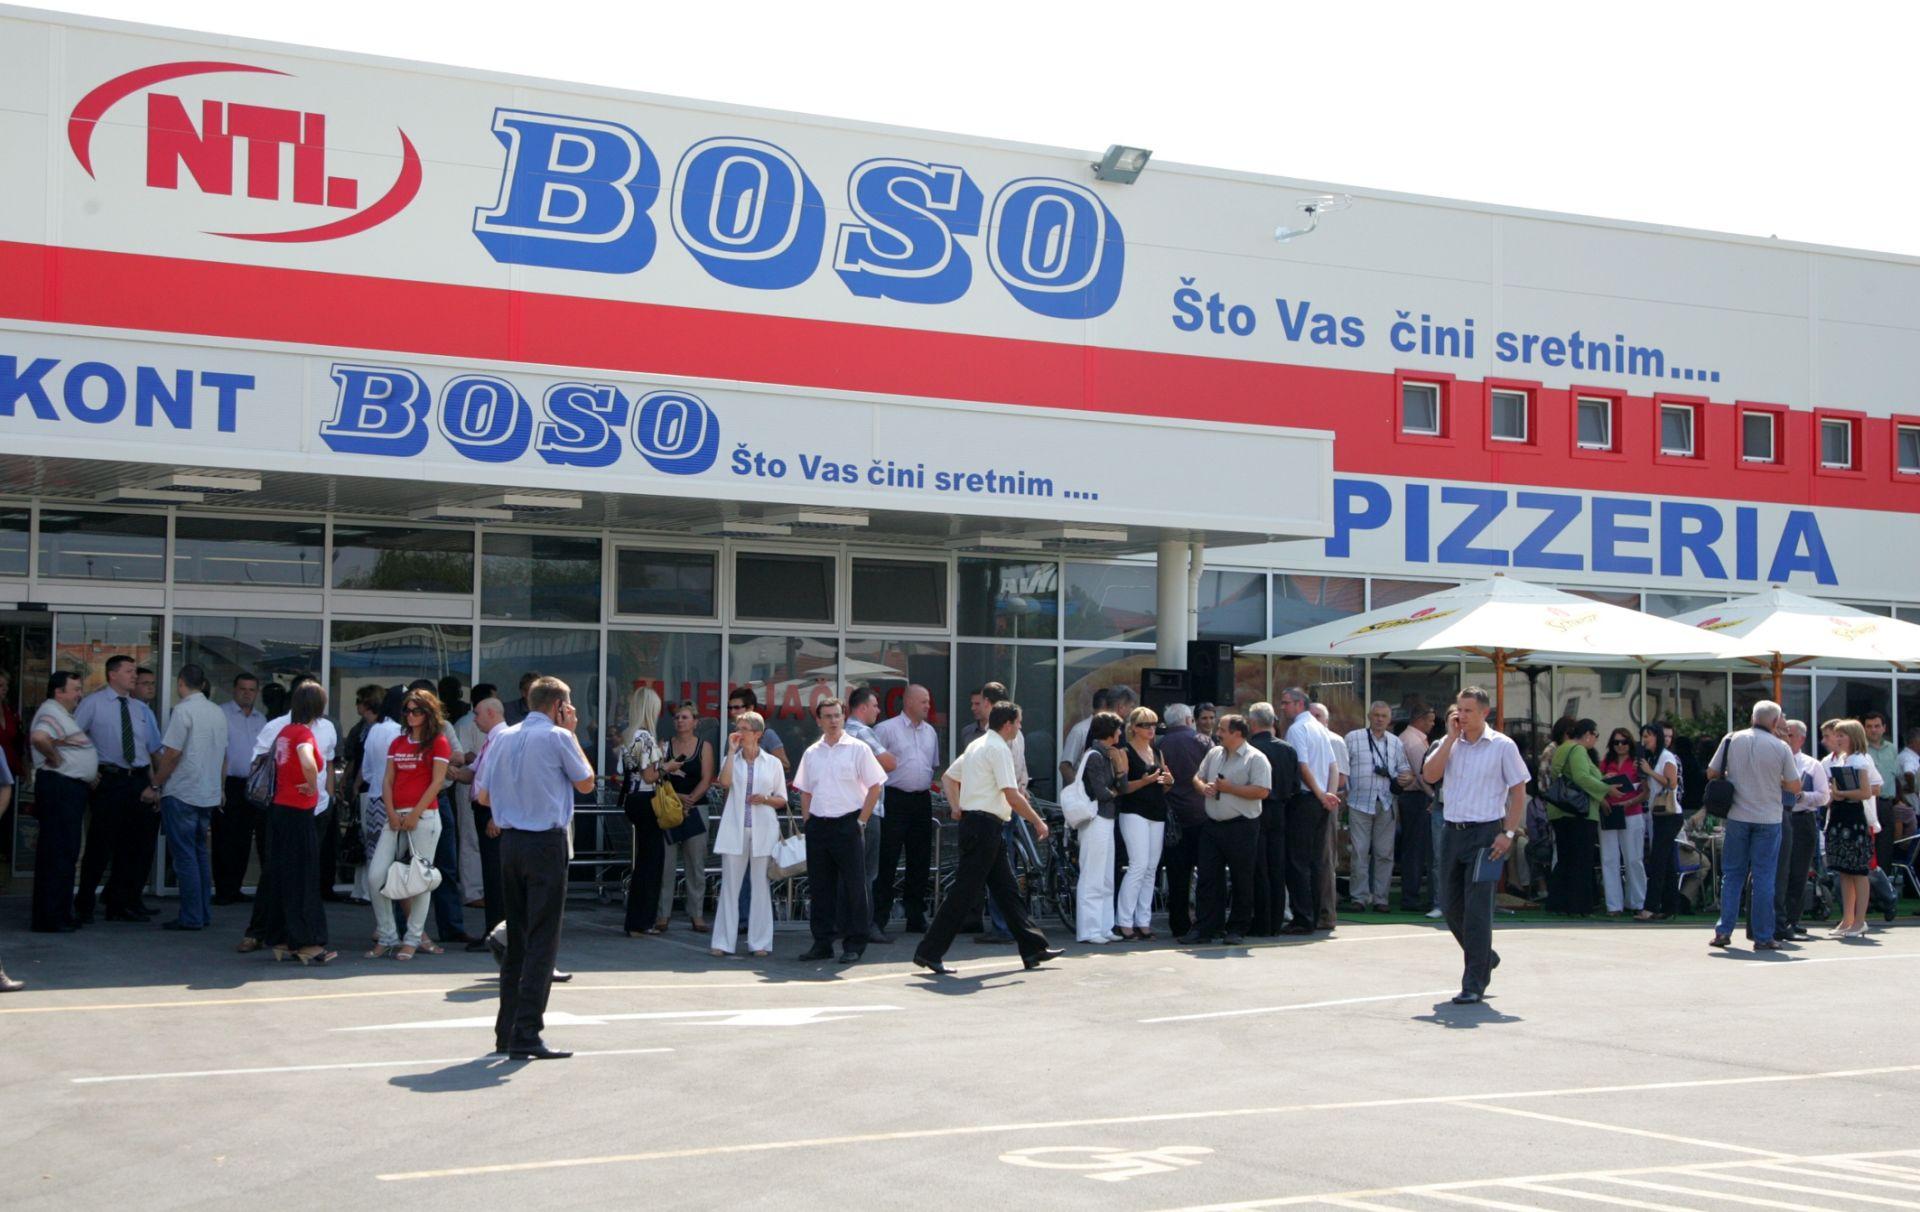 UTVRĐENI PREKRŠAJI: Podnesena optužnica protiv tvrtke 'Boso'